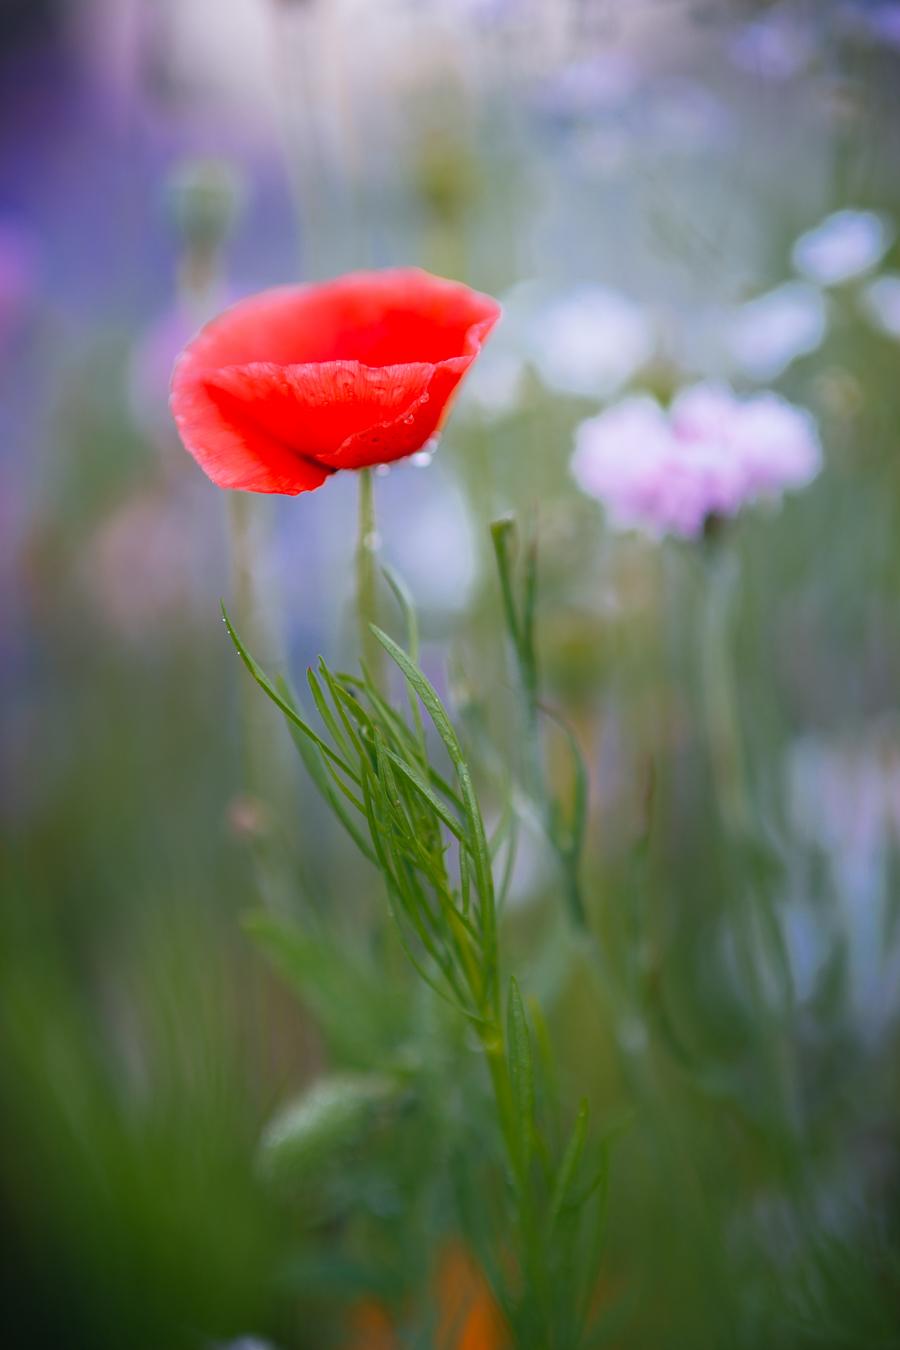 Flowers_150720_119.jpg